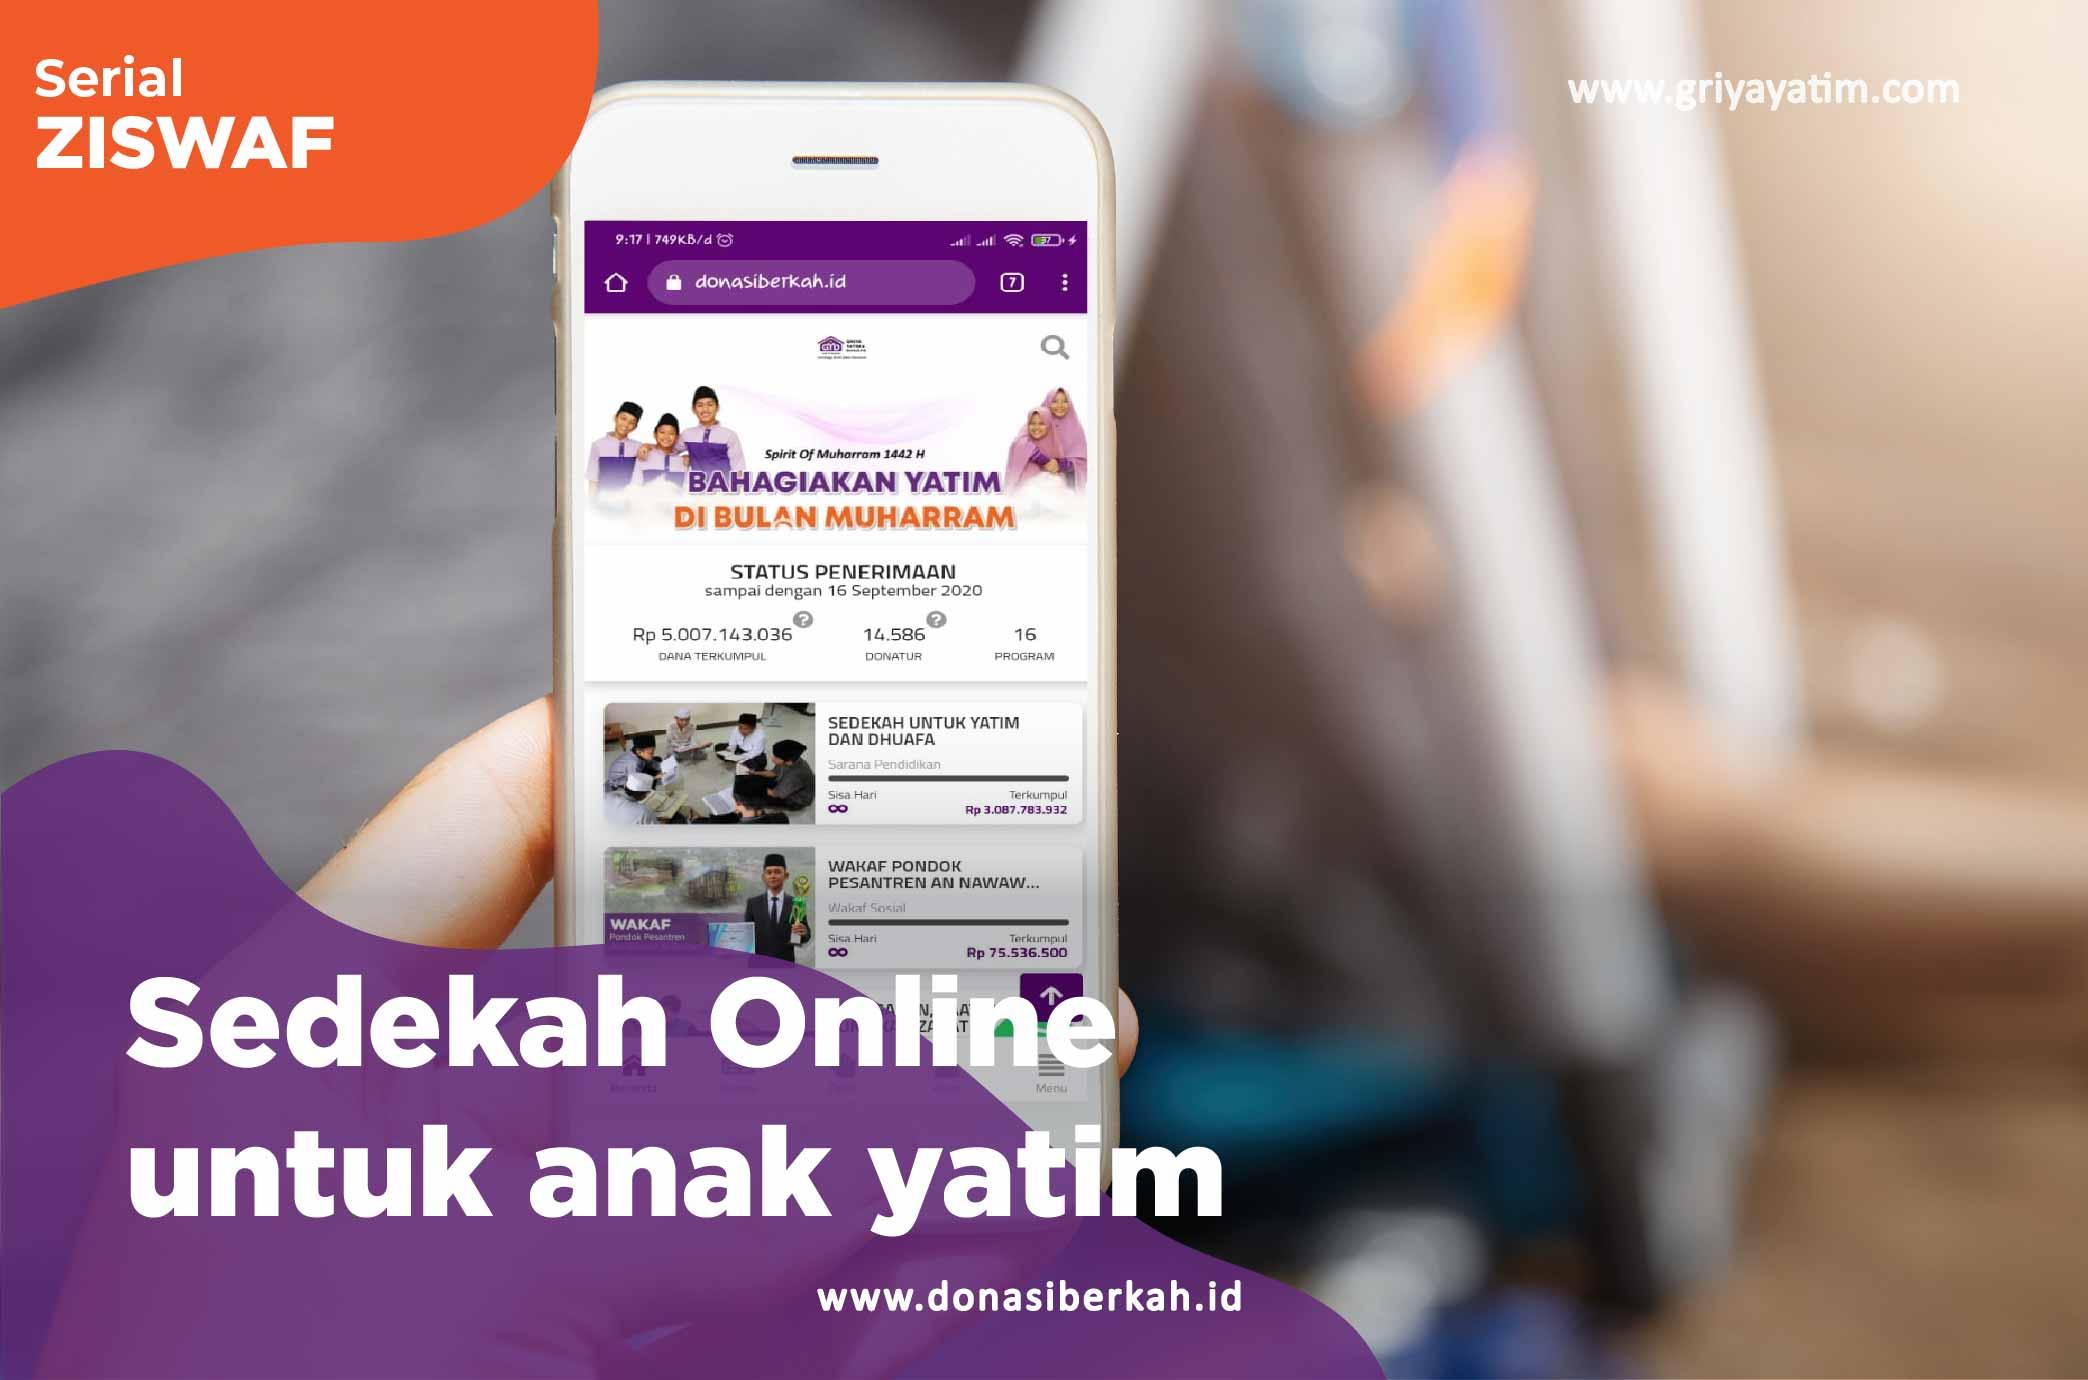 Sedekah Online Anak Yatim